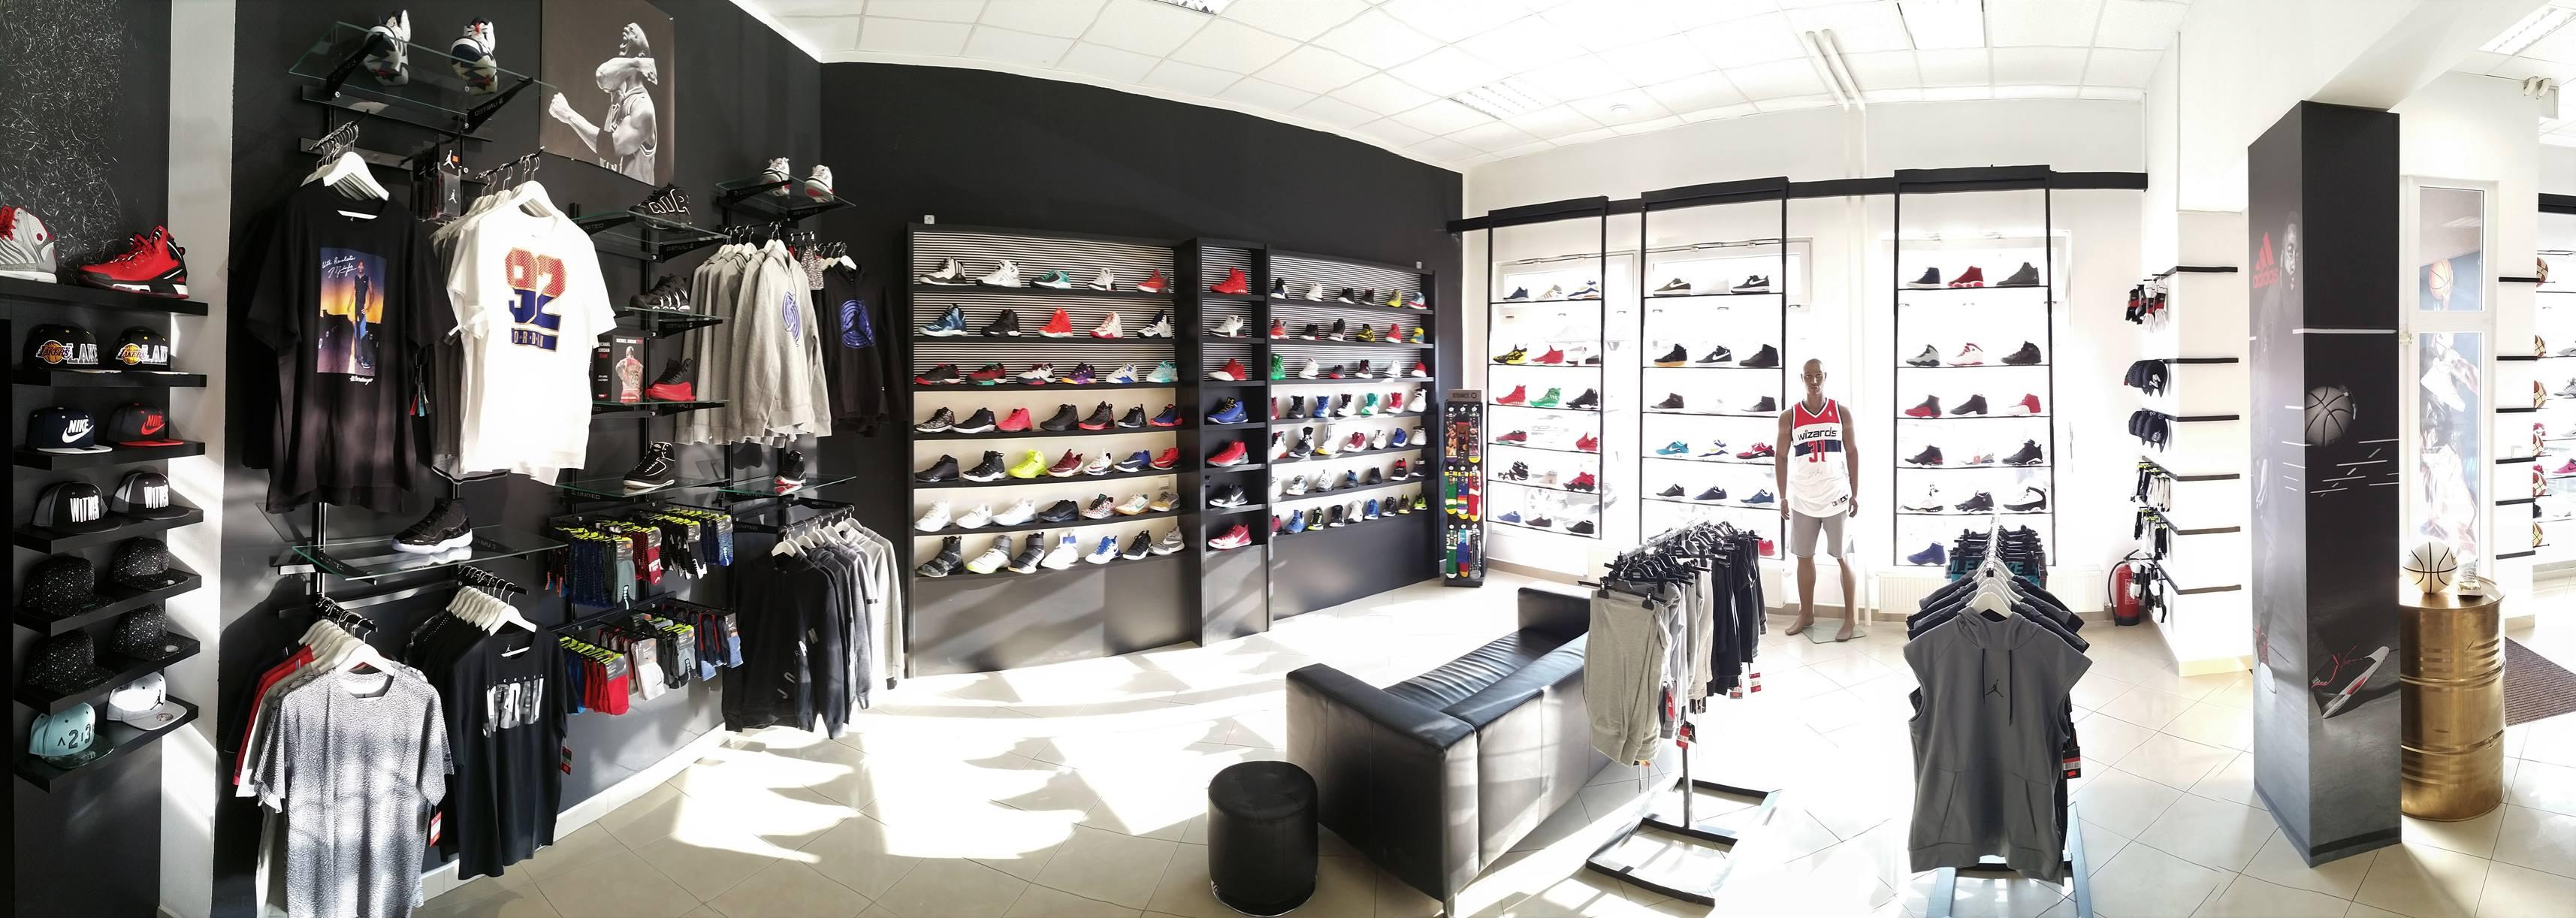 Basket-Obchod.cz - basketbalový obchod s nejlepším výběrem! 541d4ac35c5